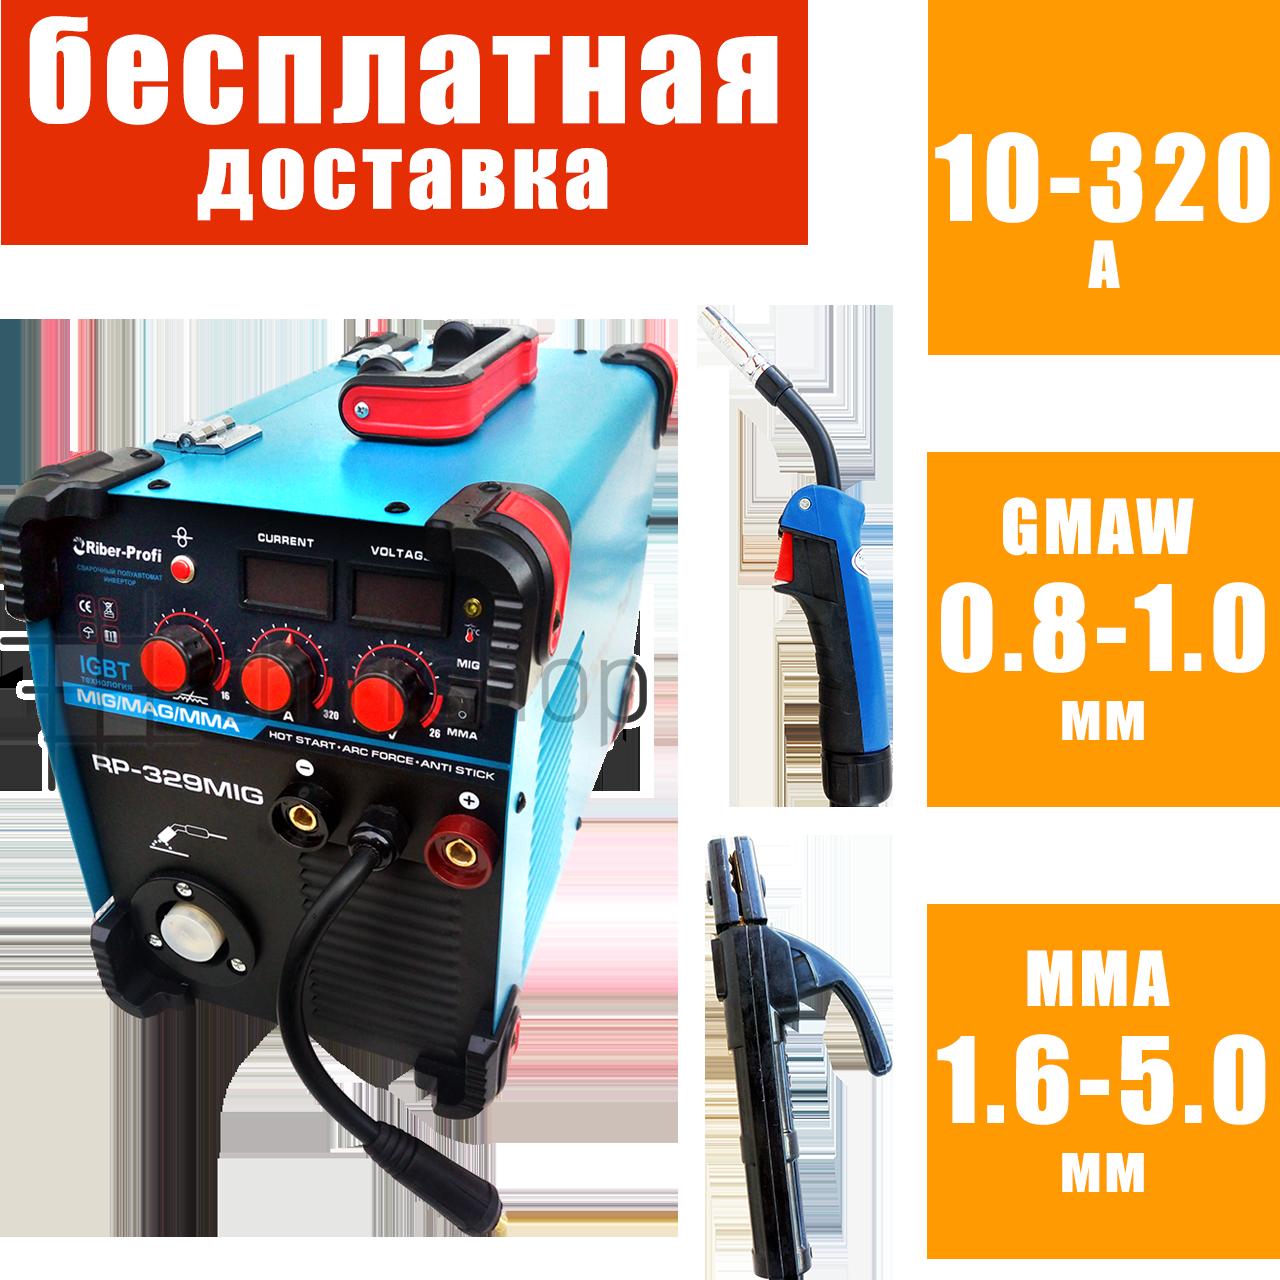 Инверторный полуавтомат Riber RP 329 MIG, сварочный полуавтомат 2 в 1 MMA MIG МAG FLUX, аппарат сварка миг маг